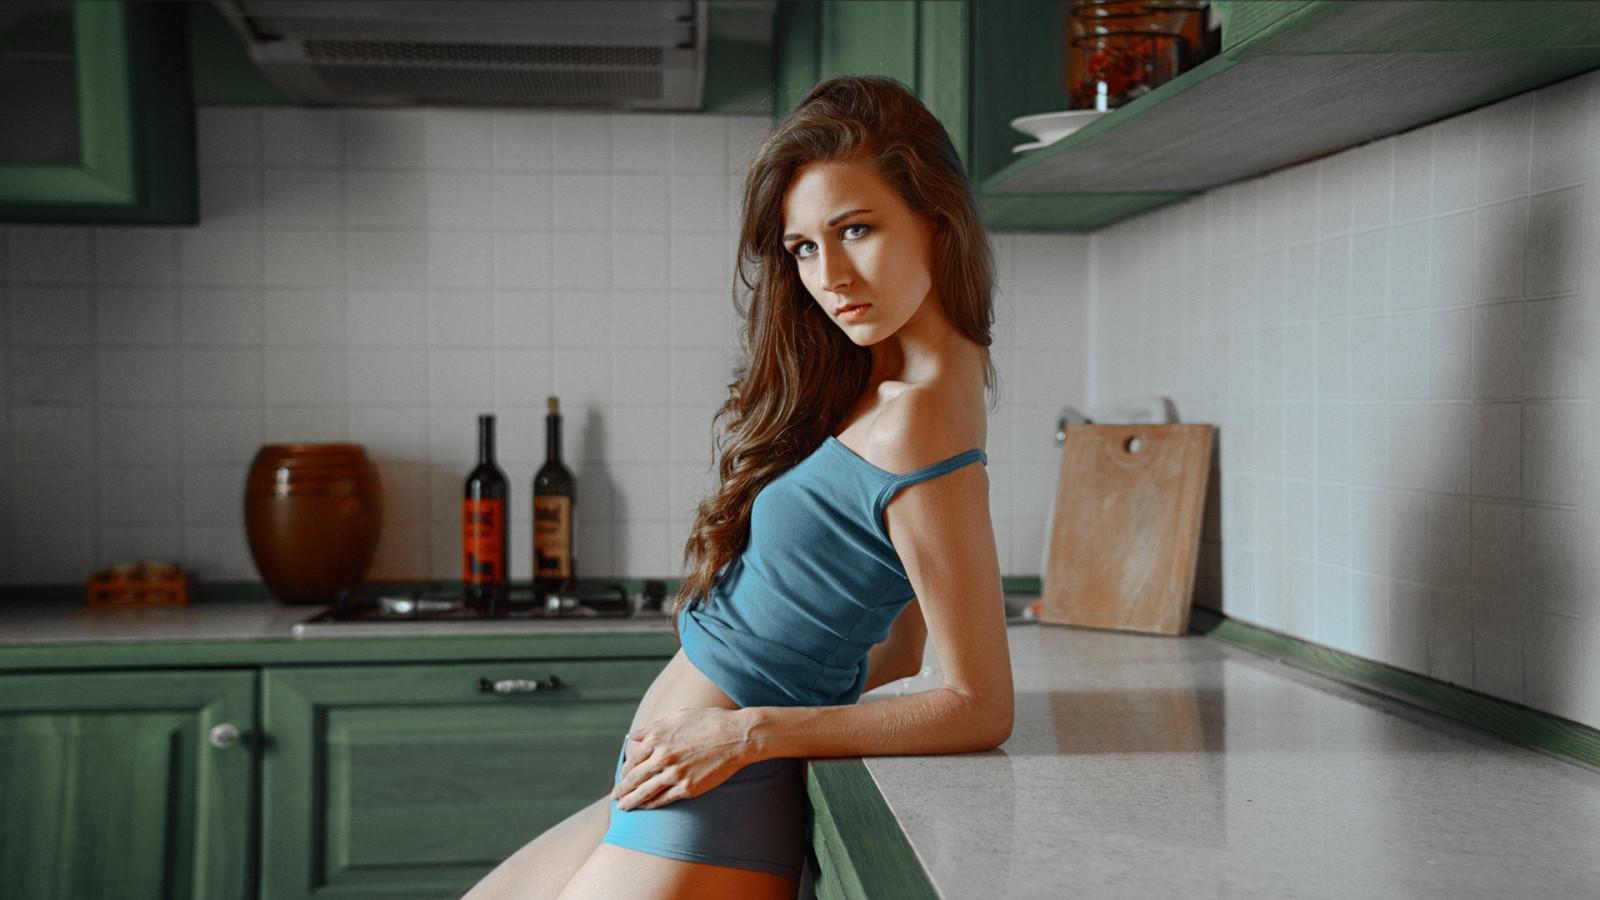 petite-tranny-in-the-kitchen-porn-sofa